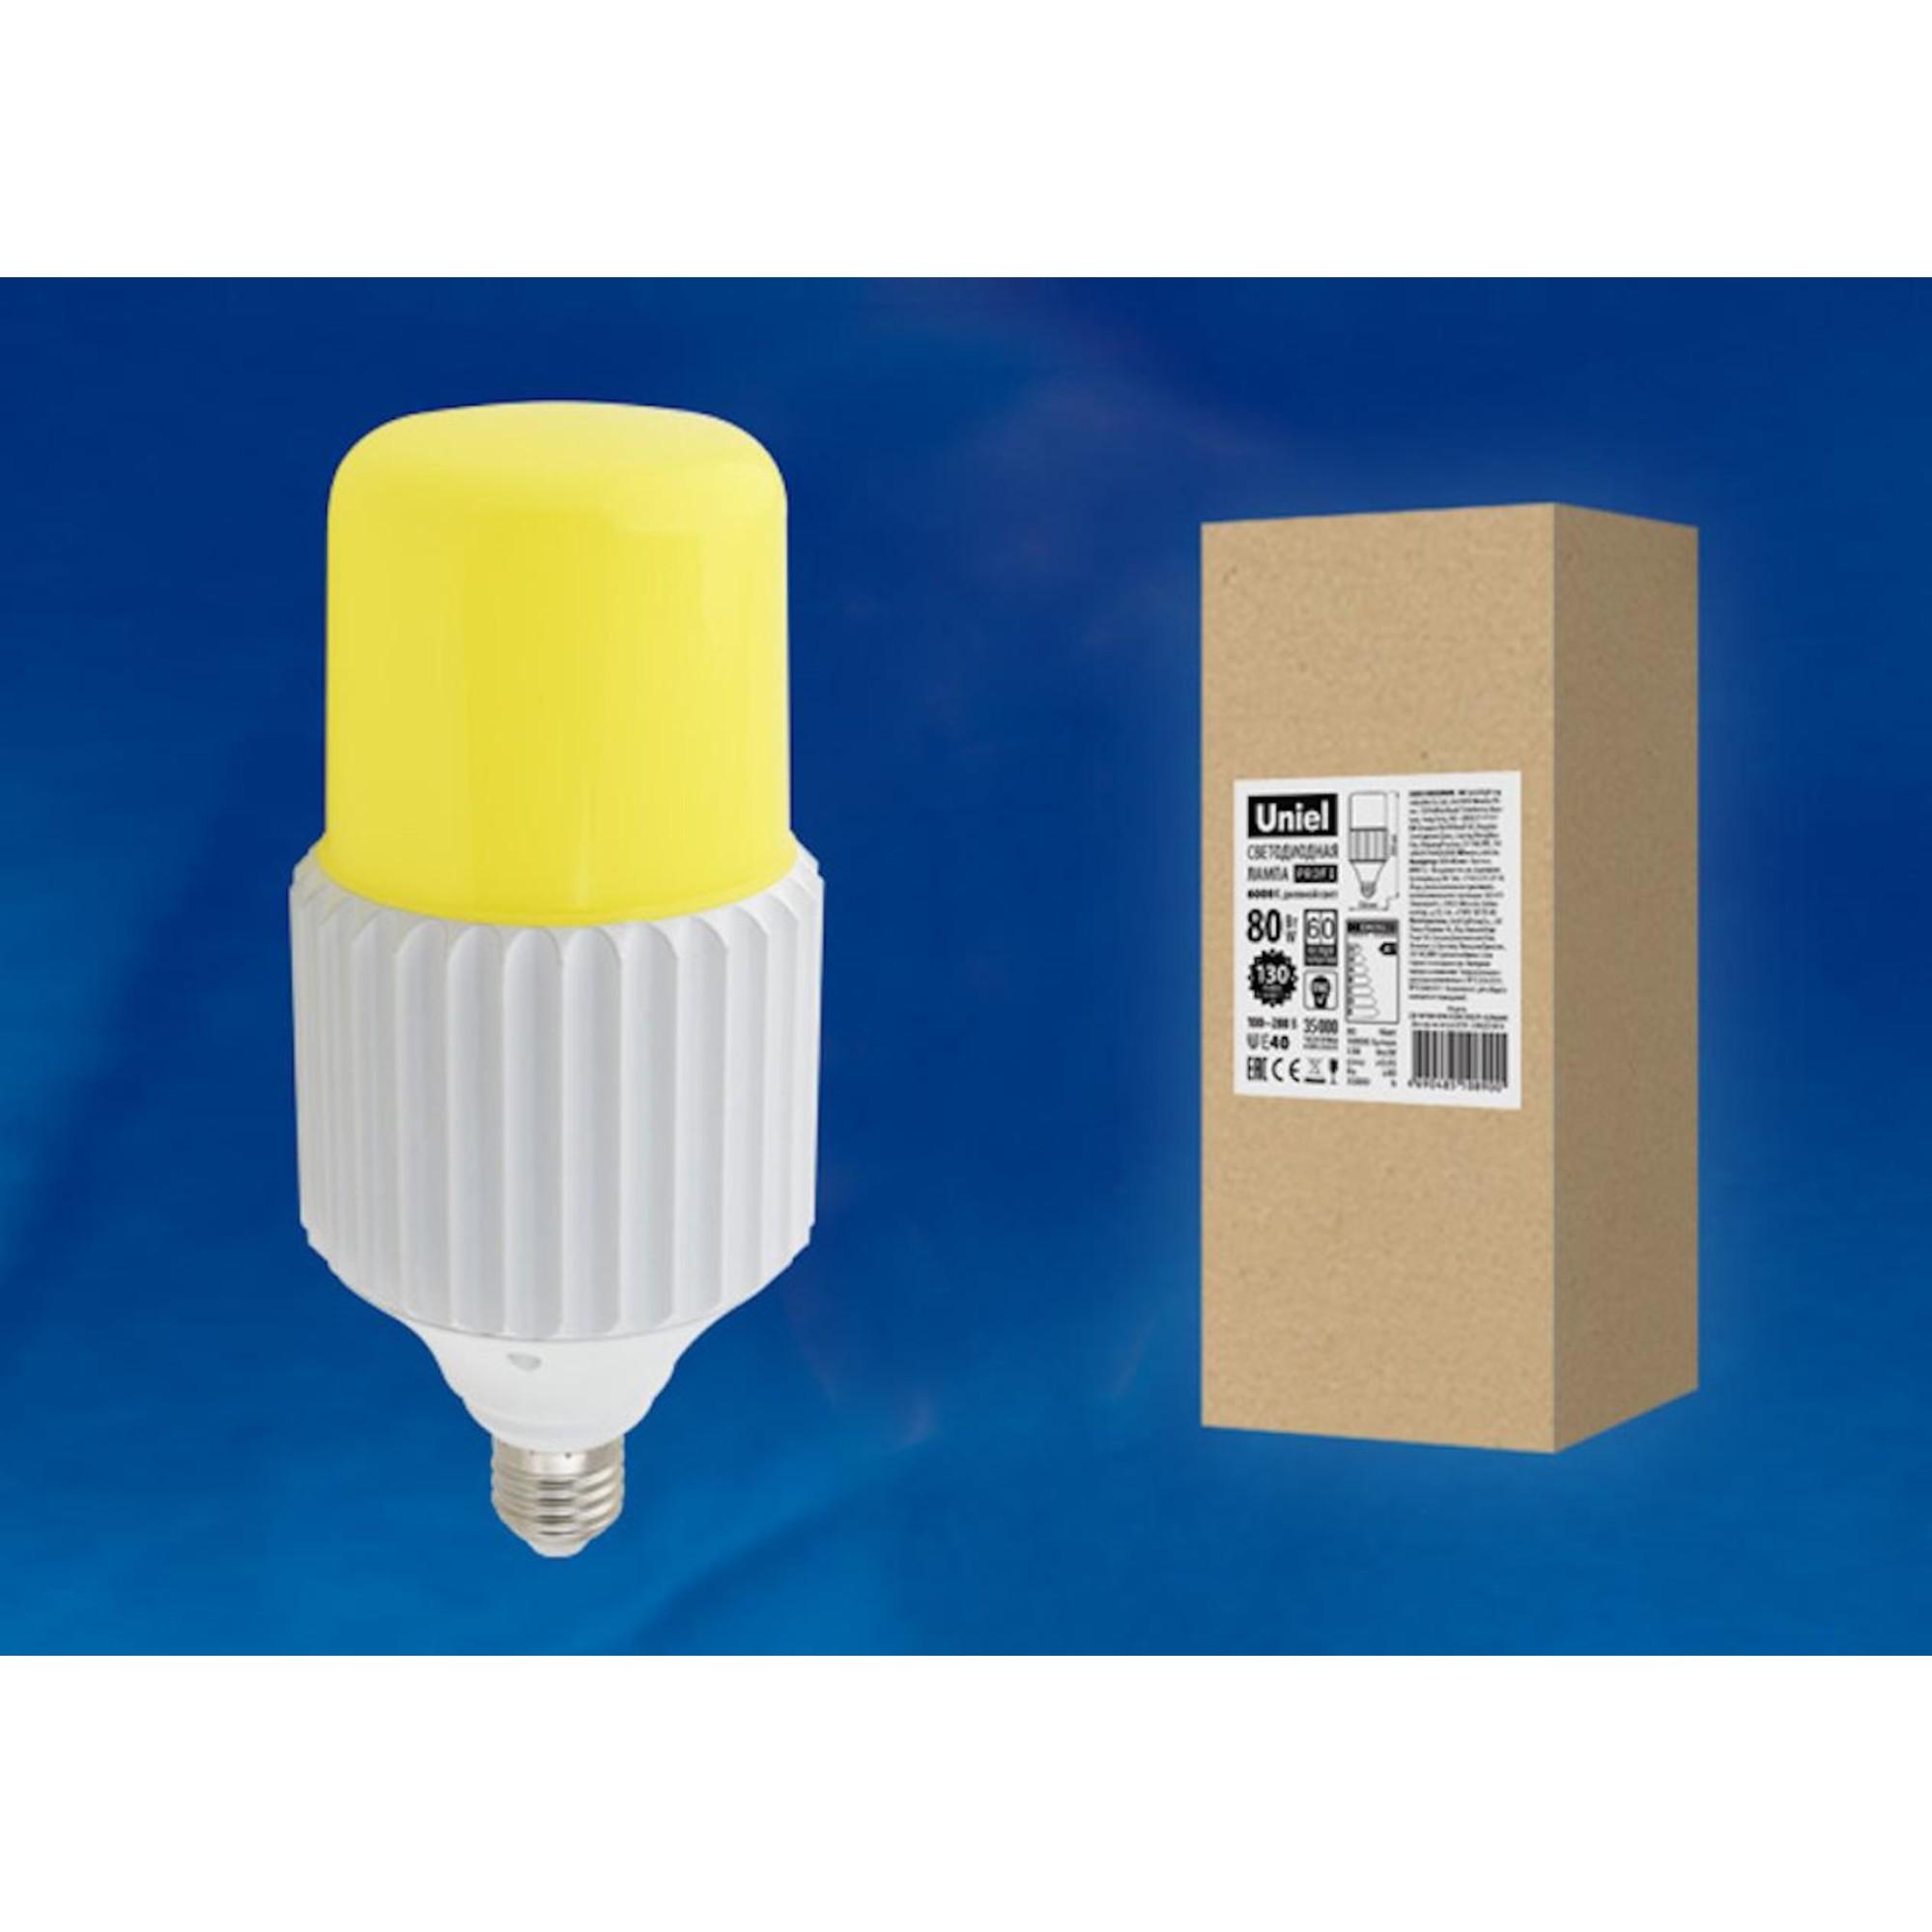 Лампа Volpe светодиодная E40 80 Вт нейтральный свет